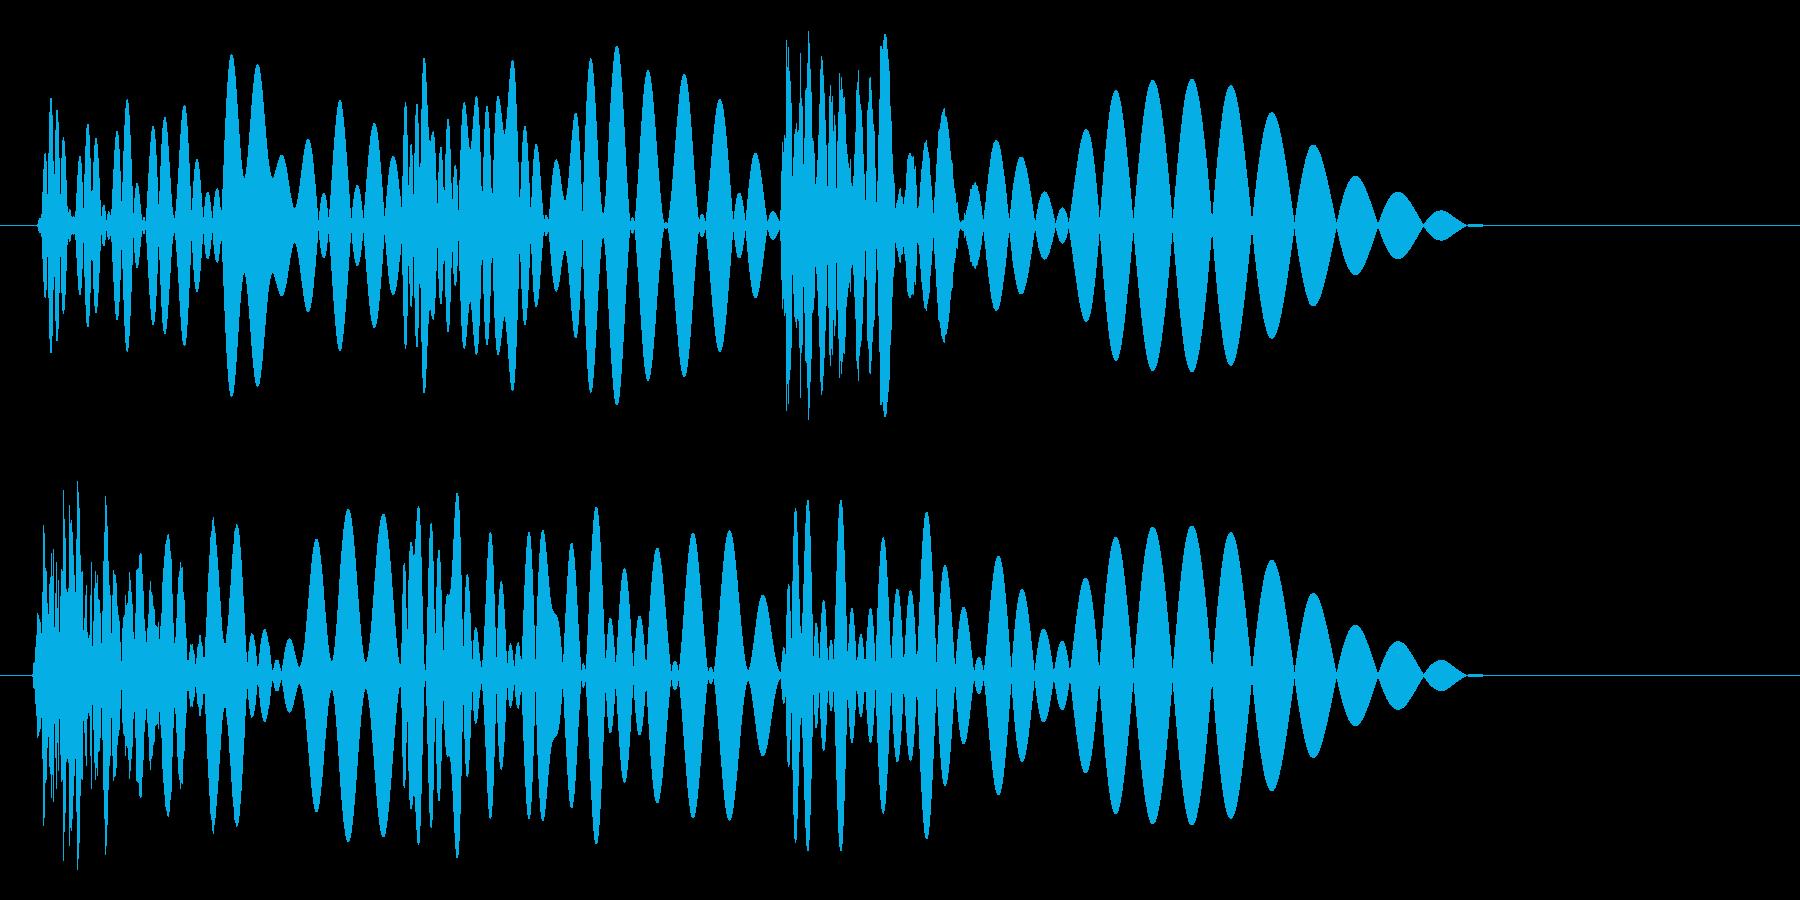 トゥクトゥン(ドドパン)の再生済みの波形